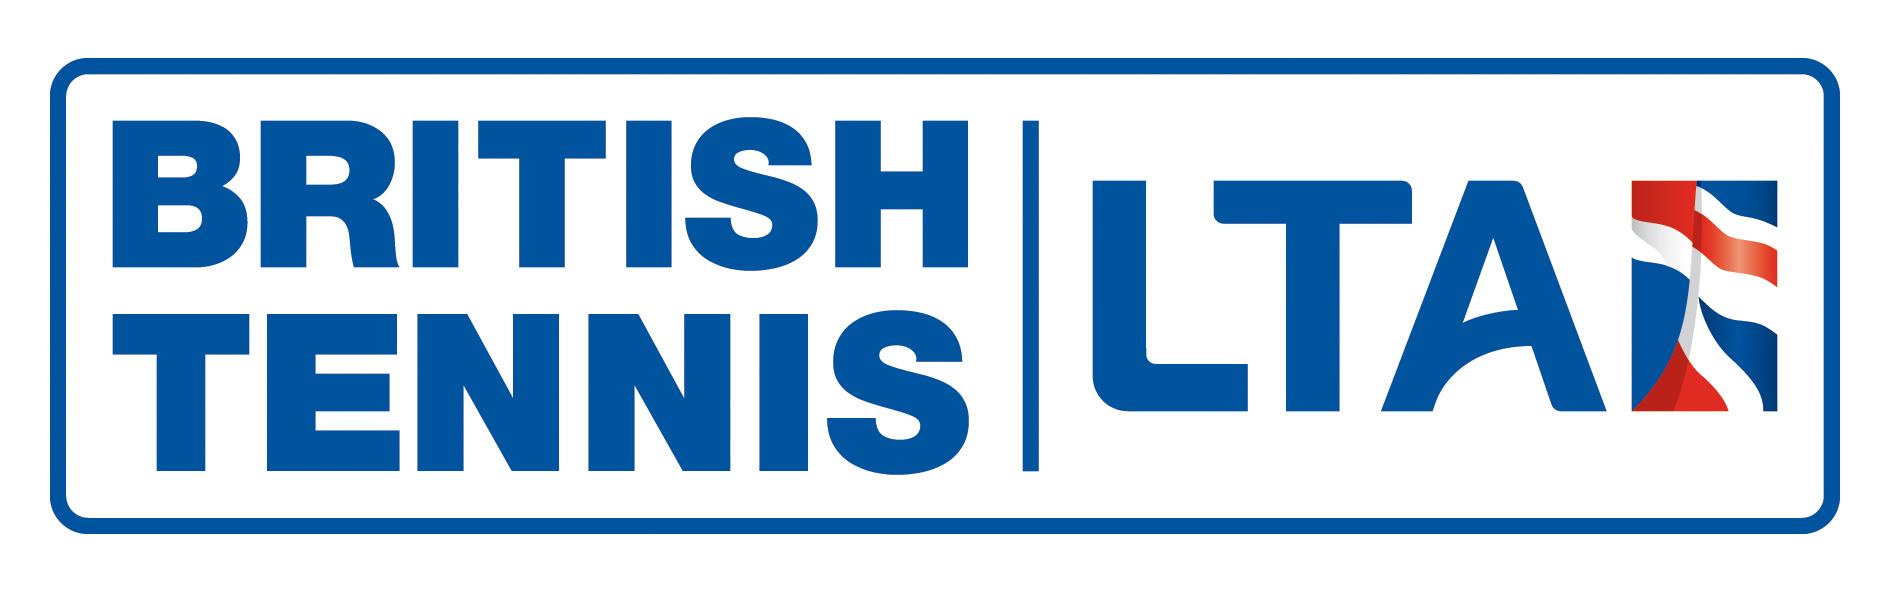 new_bt_lta_logo.jpg